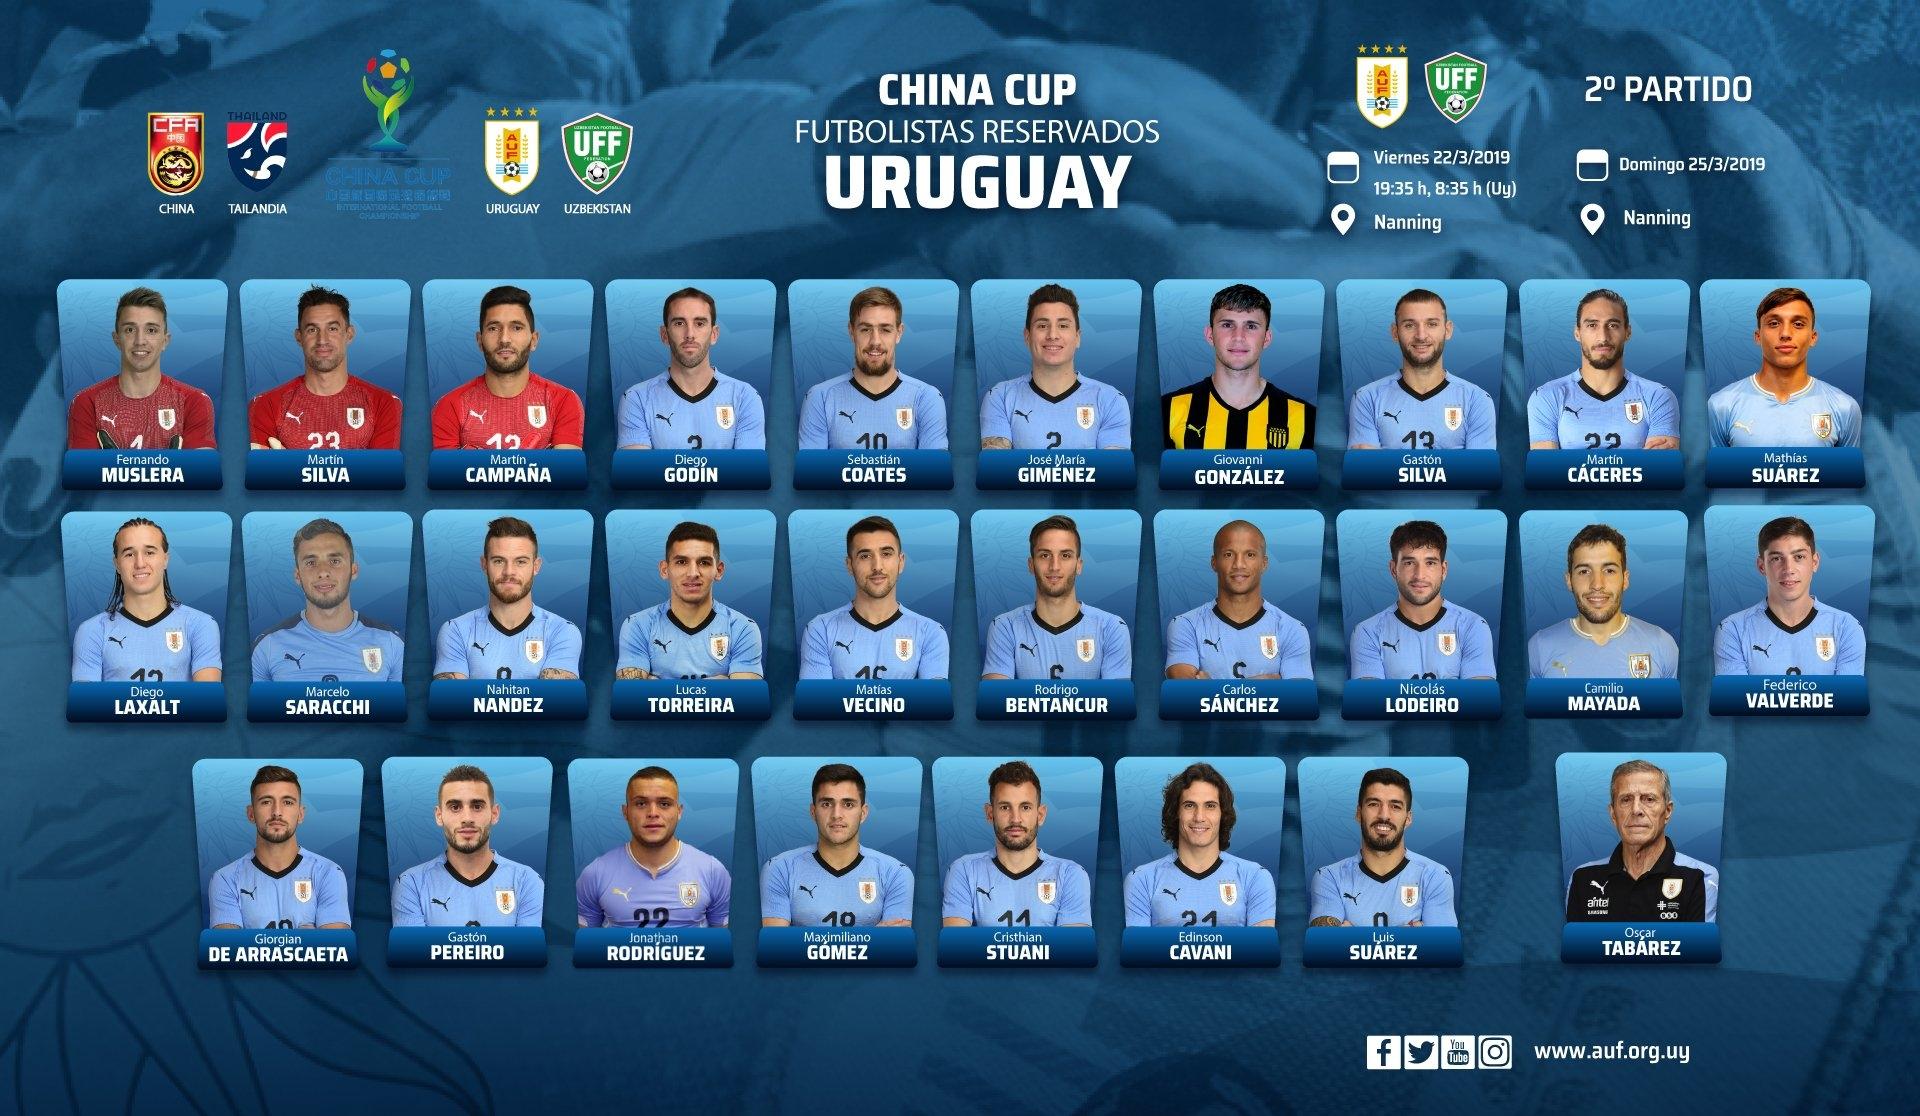 """乌拉圭队公布参加2019""""格力·中国杯""""球员名单"""